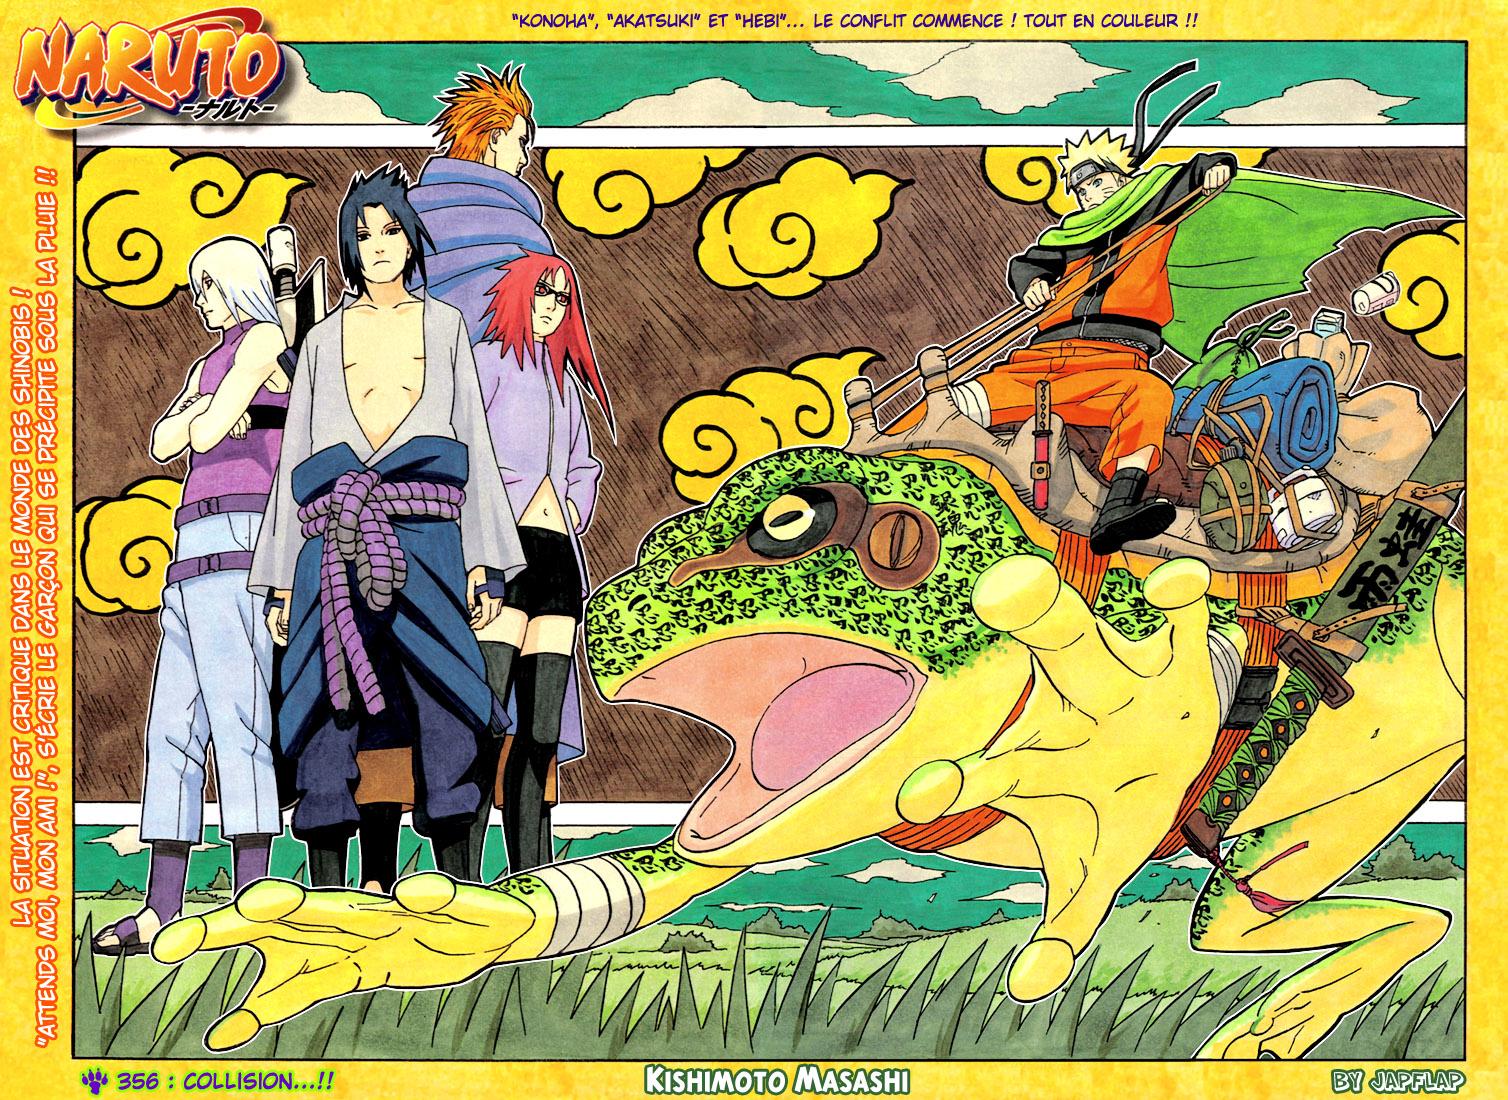 Naruto chapitre 356 colorisé - Page 1